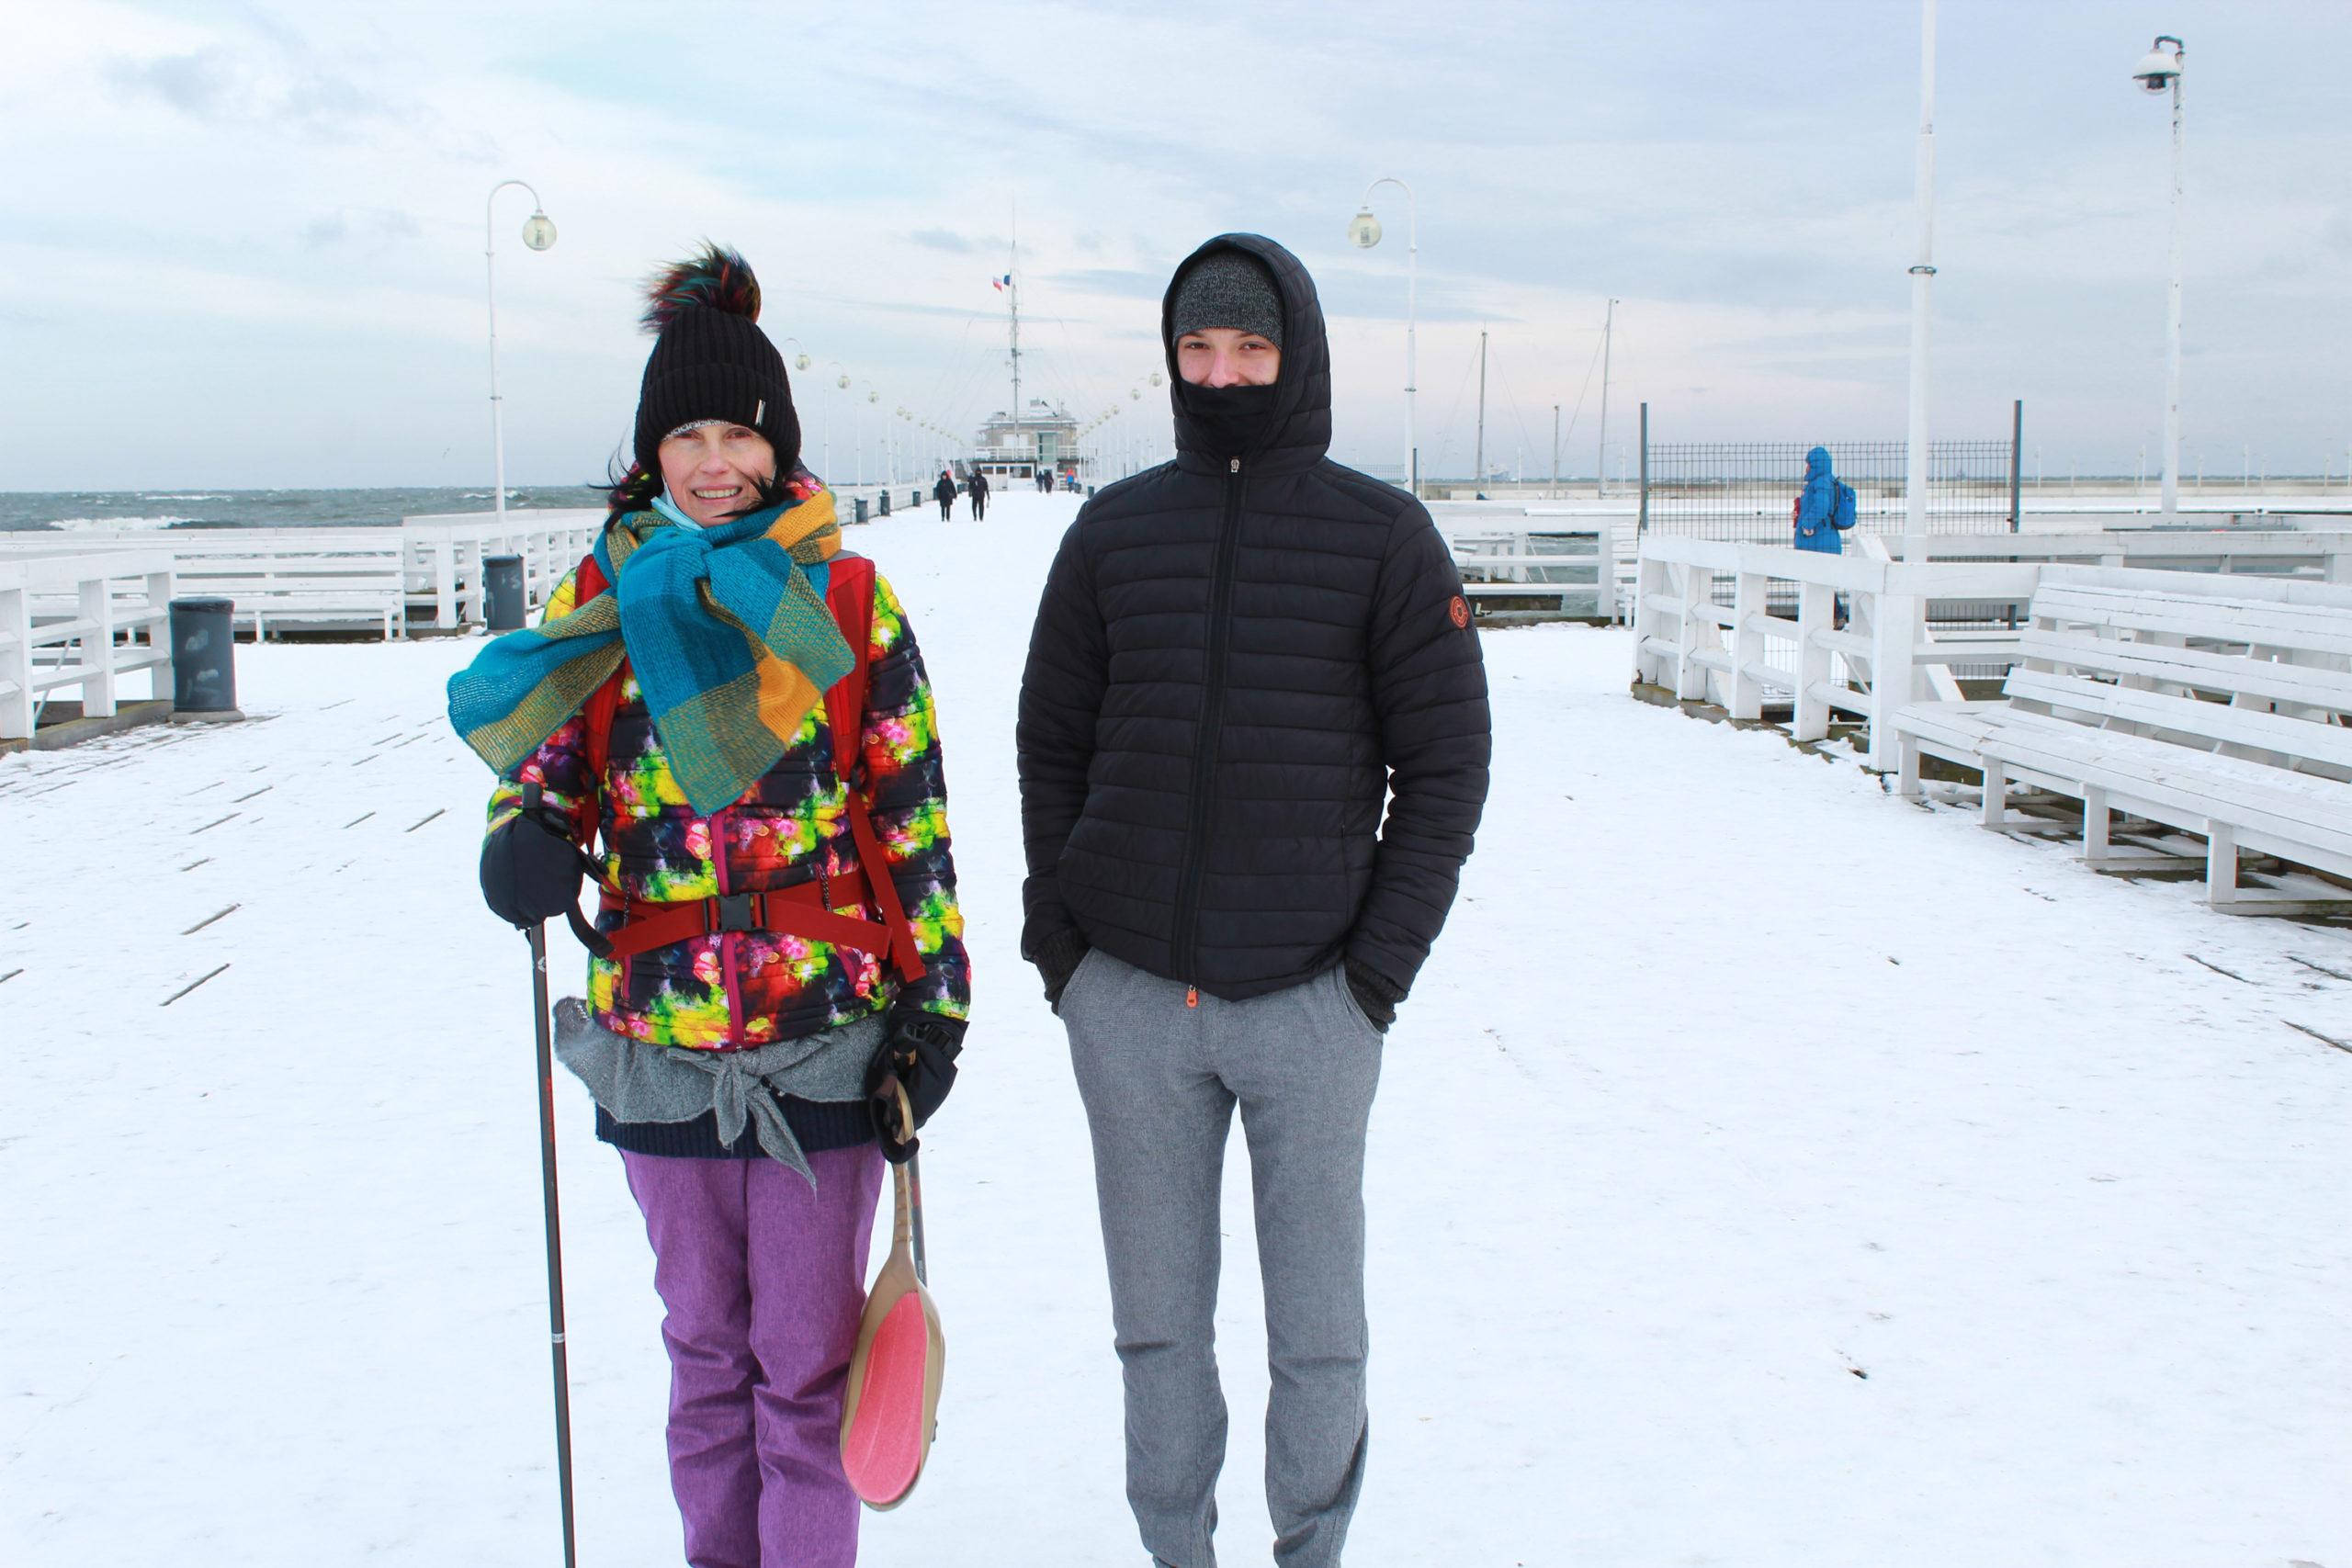 z synem zimową porą na molo w Sopocie